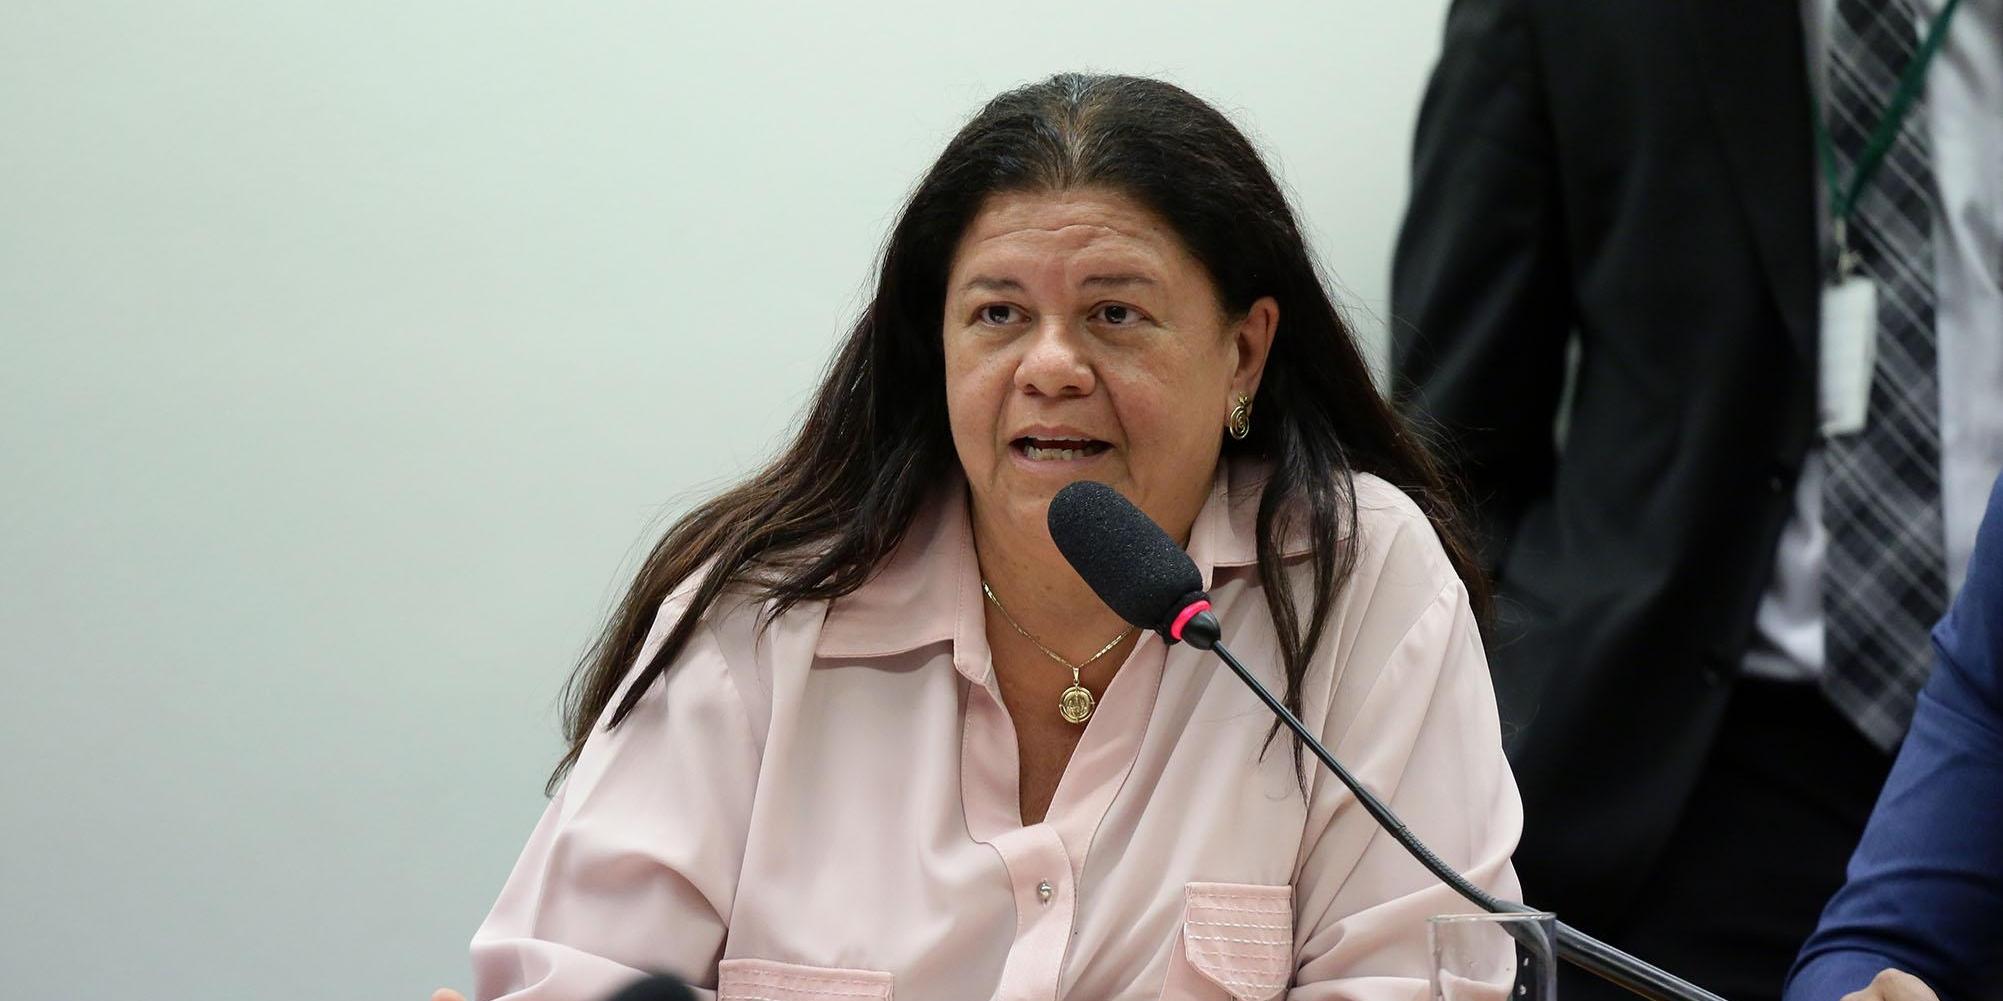 Audiência Pública com a participação de técnicos do Tribunal de Contas da União - TCU e do Observatório Legislativo da Intervenção Federal na Segurança Pública do Estado do Rio de Janeiro. Dep. Laura Carneiro( DEM - RJ)